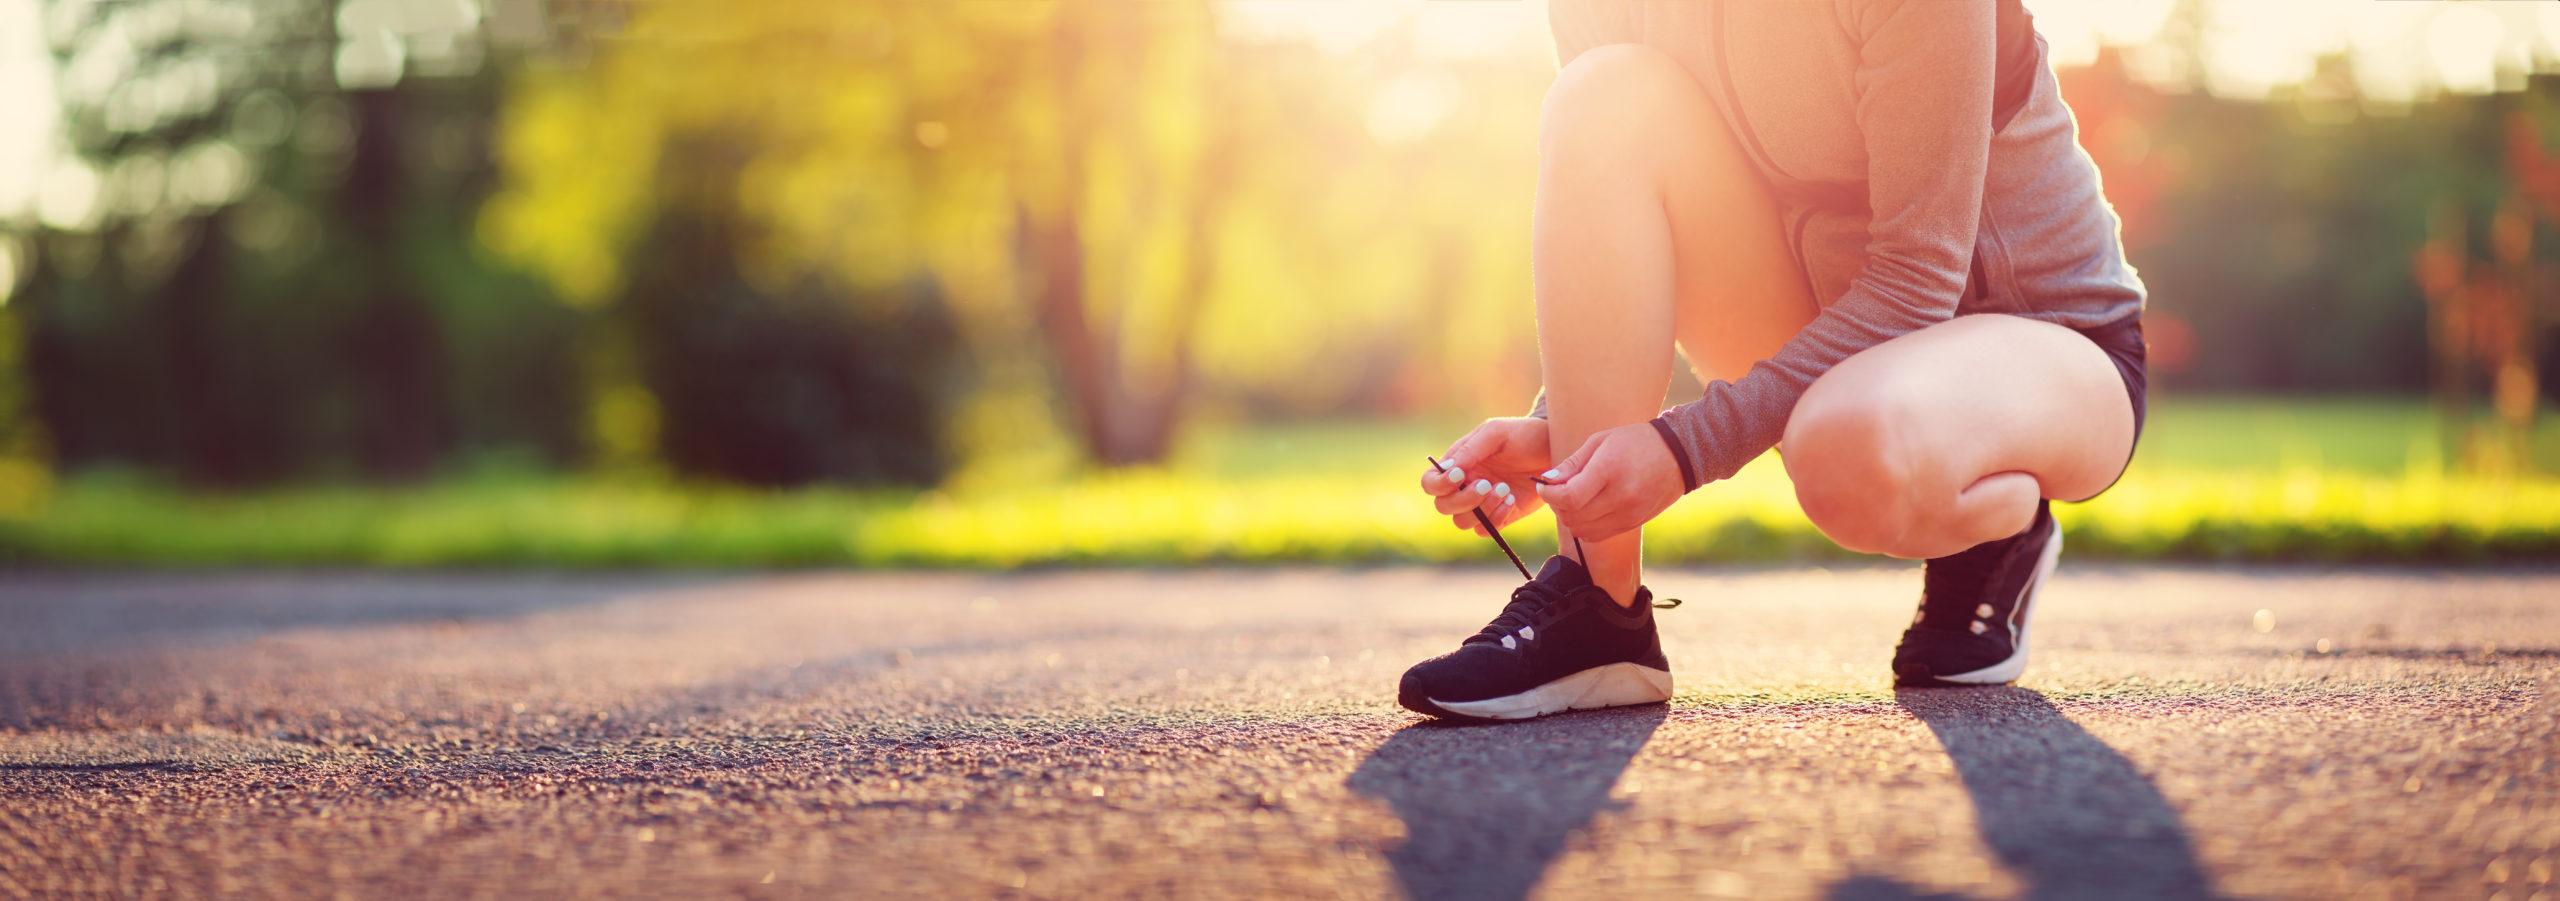 Frau bindet sich einen Laufschuh